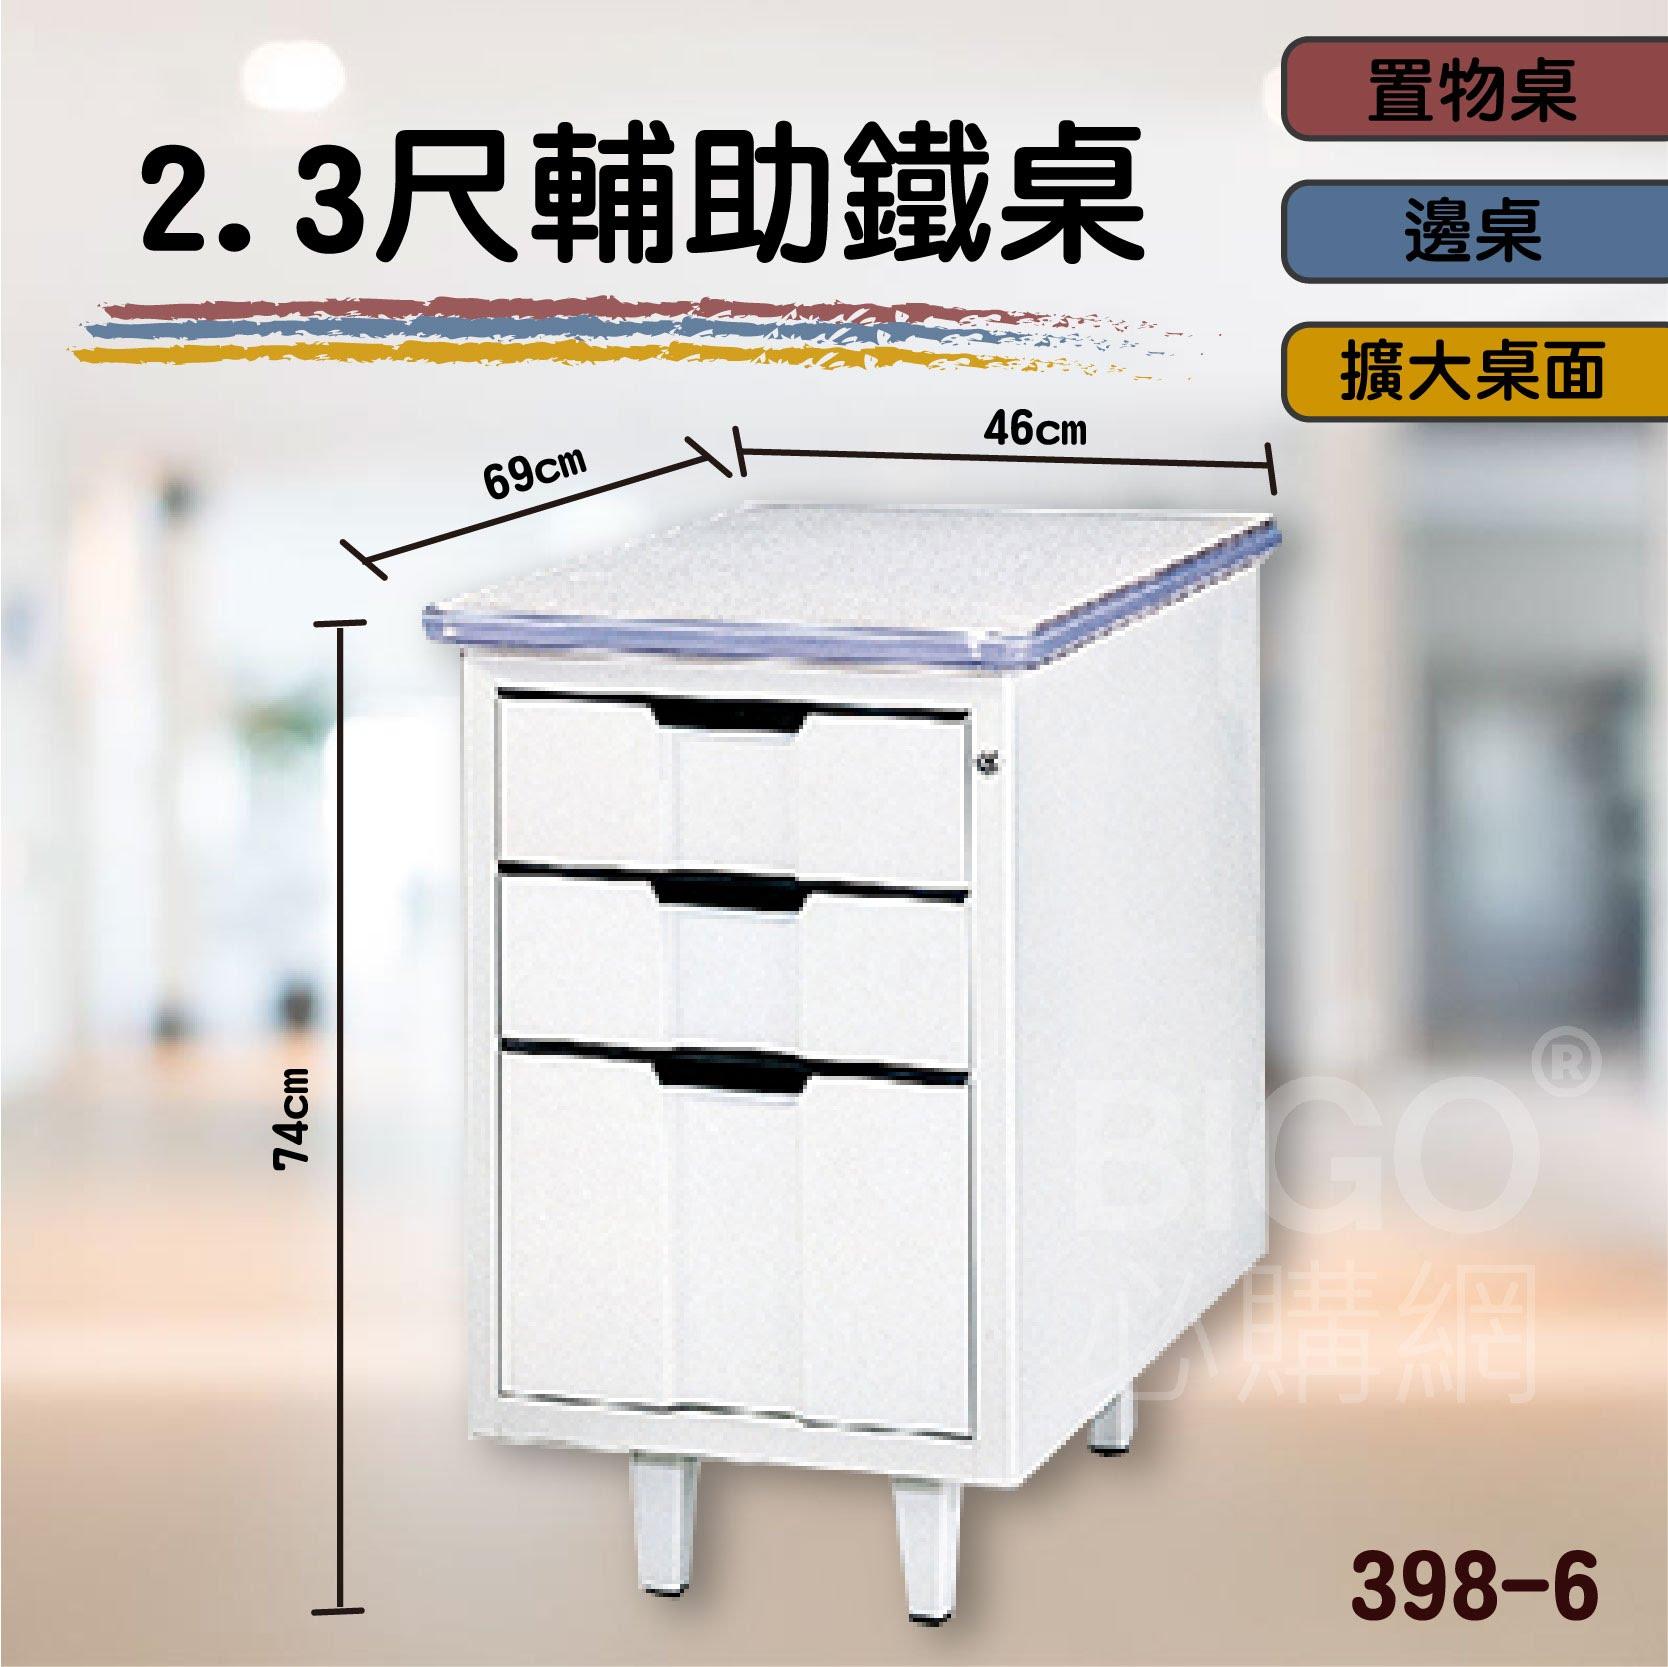 款➤2.3尺輔助鐵桌 398-6 桌子 書桌 電腦桌 辦公桌 鐵桌 抽屜櫃  學校 辦公室 會議室